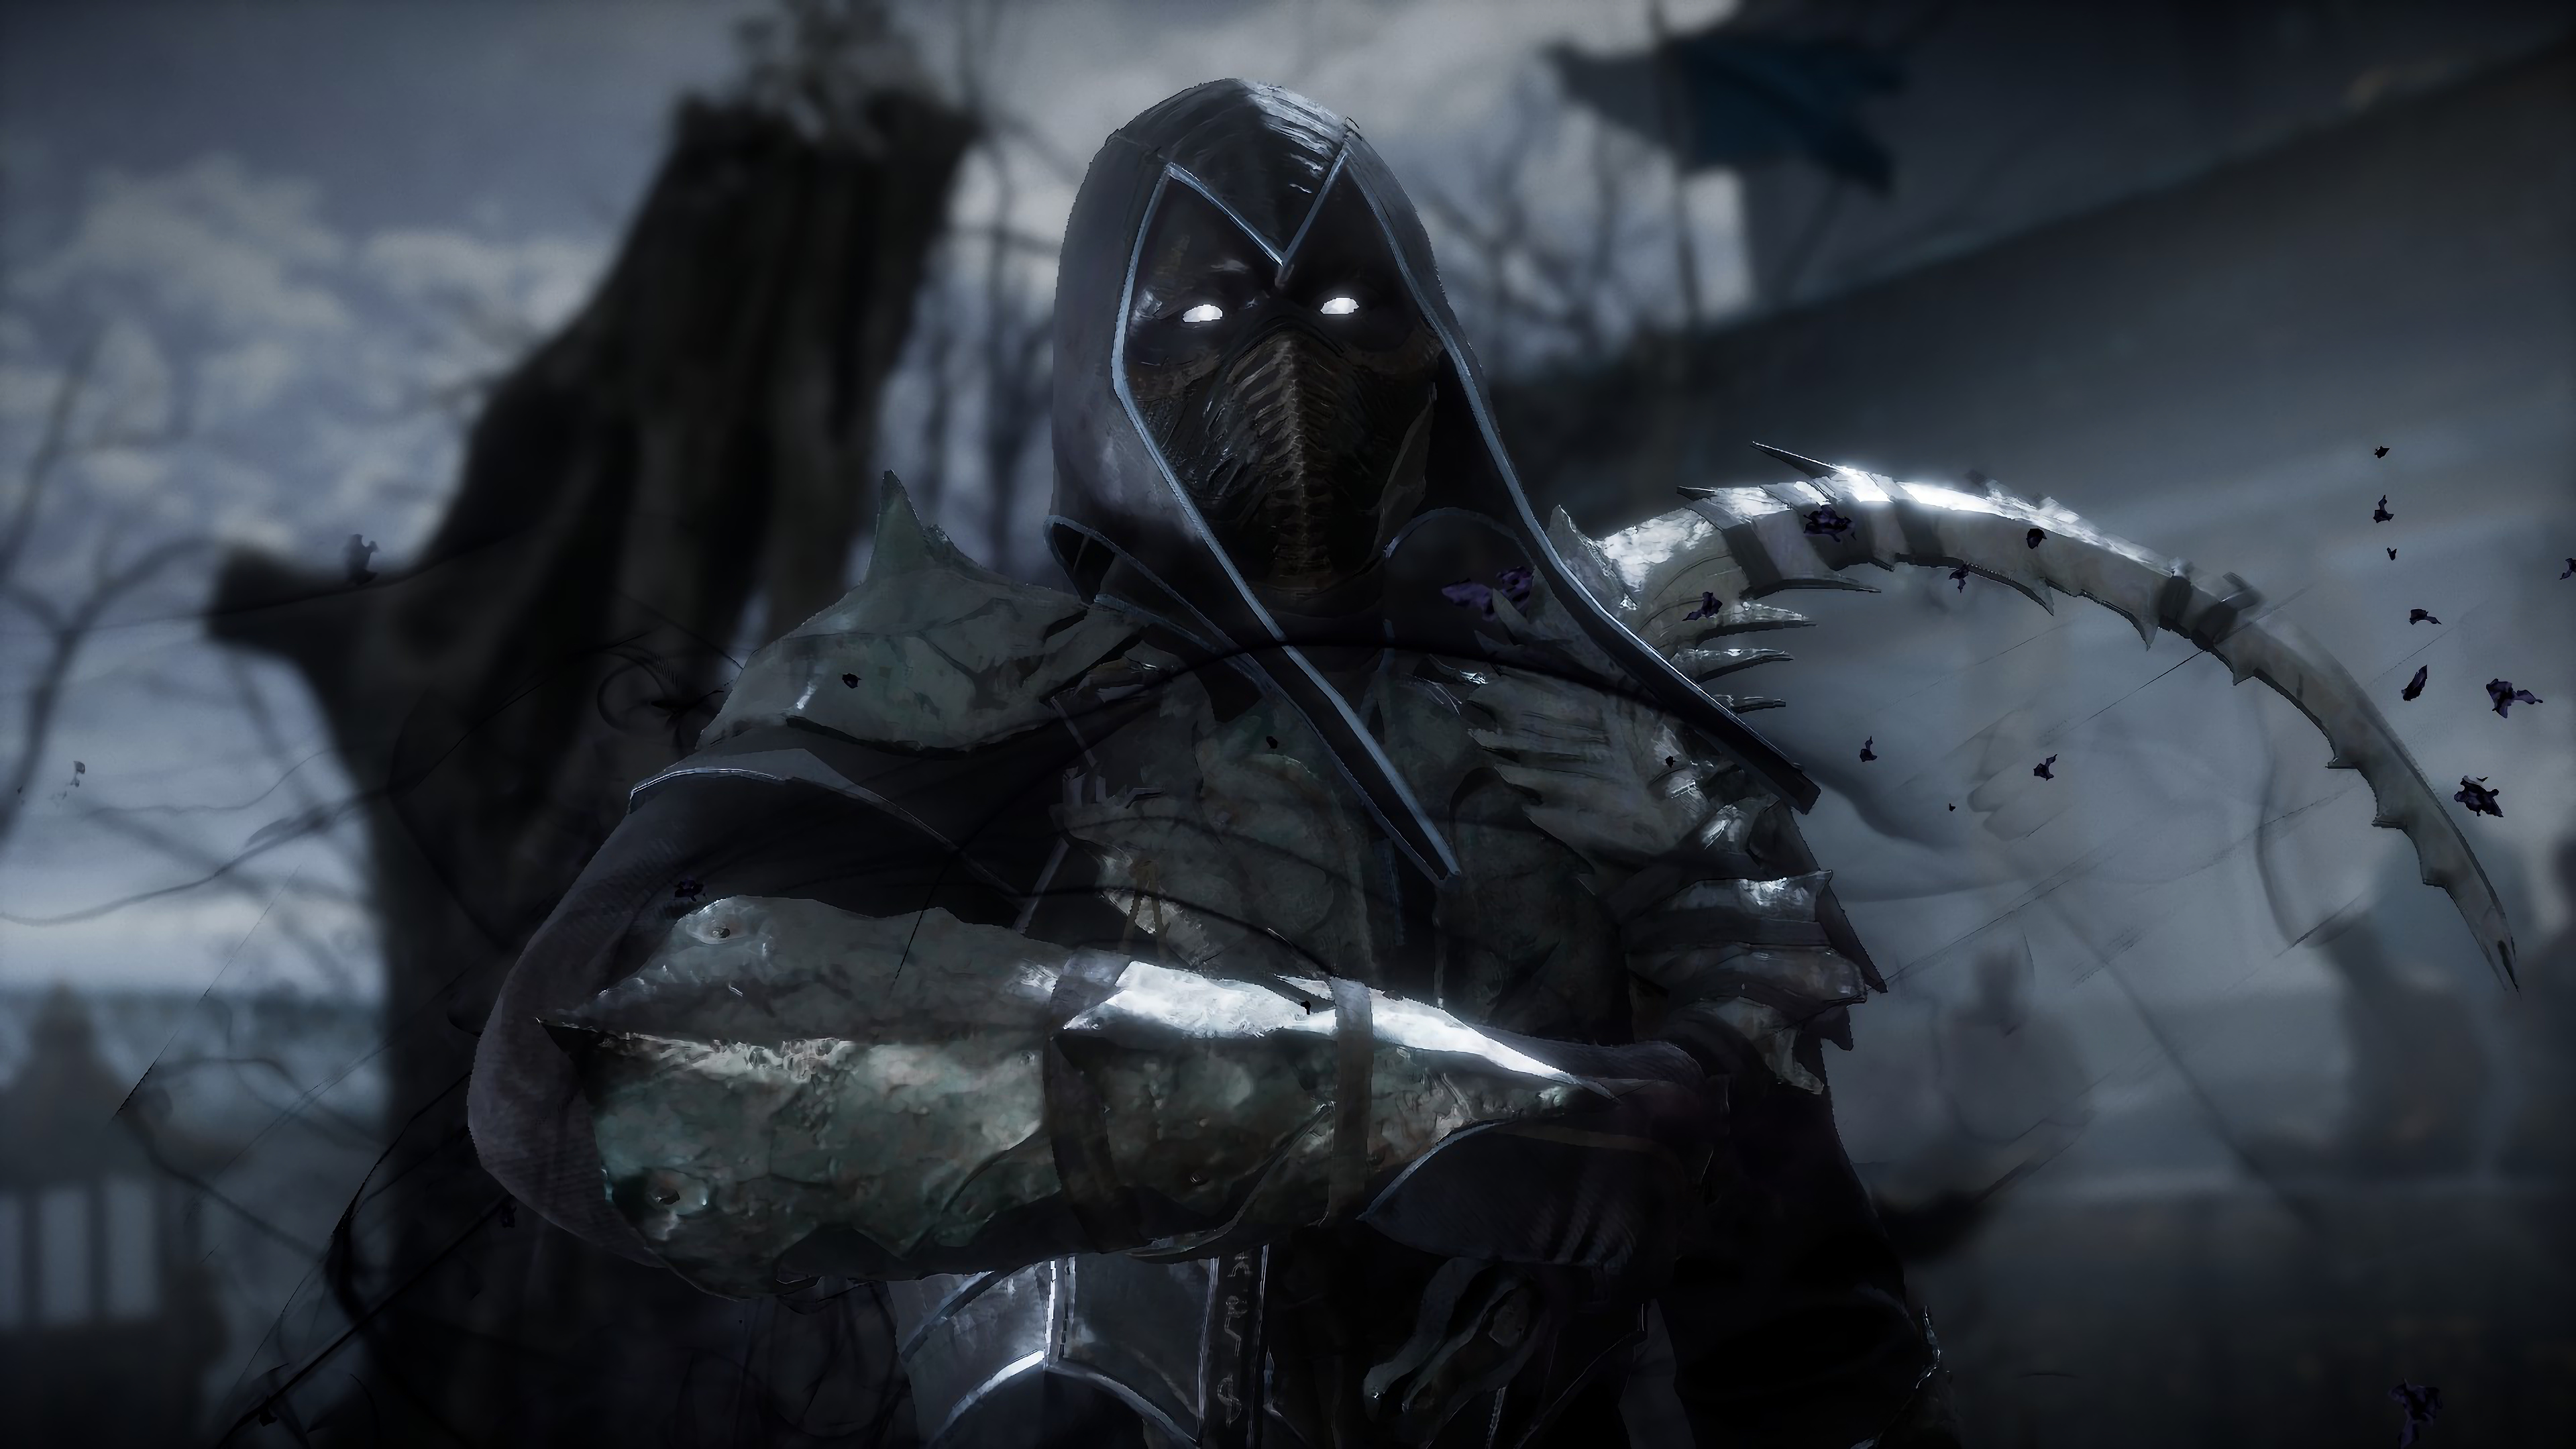 Fondos de pantalla Noob Saibot de Mortal Kombat